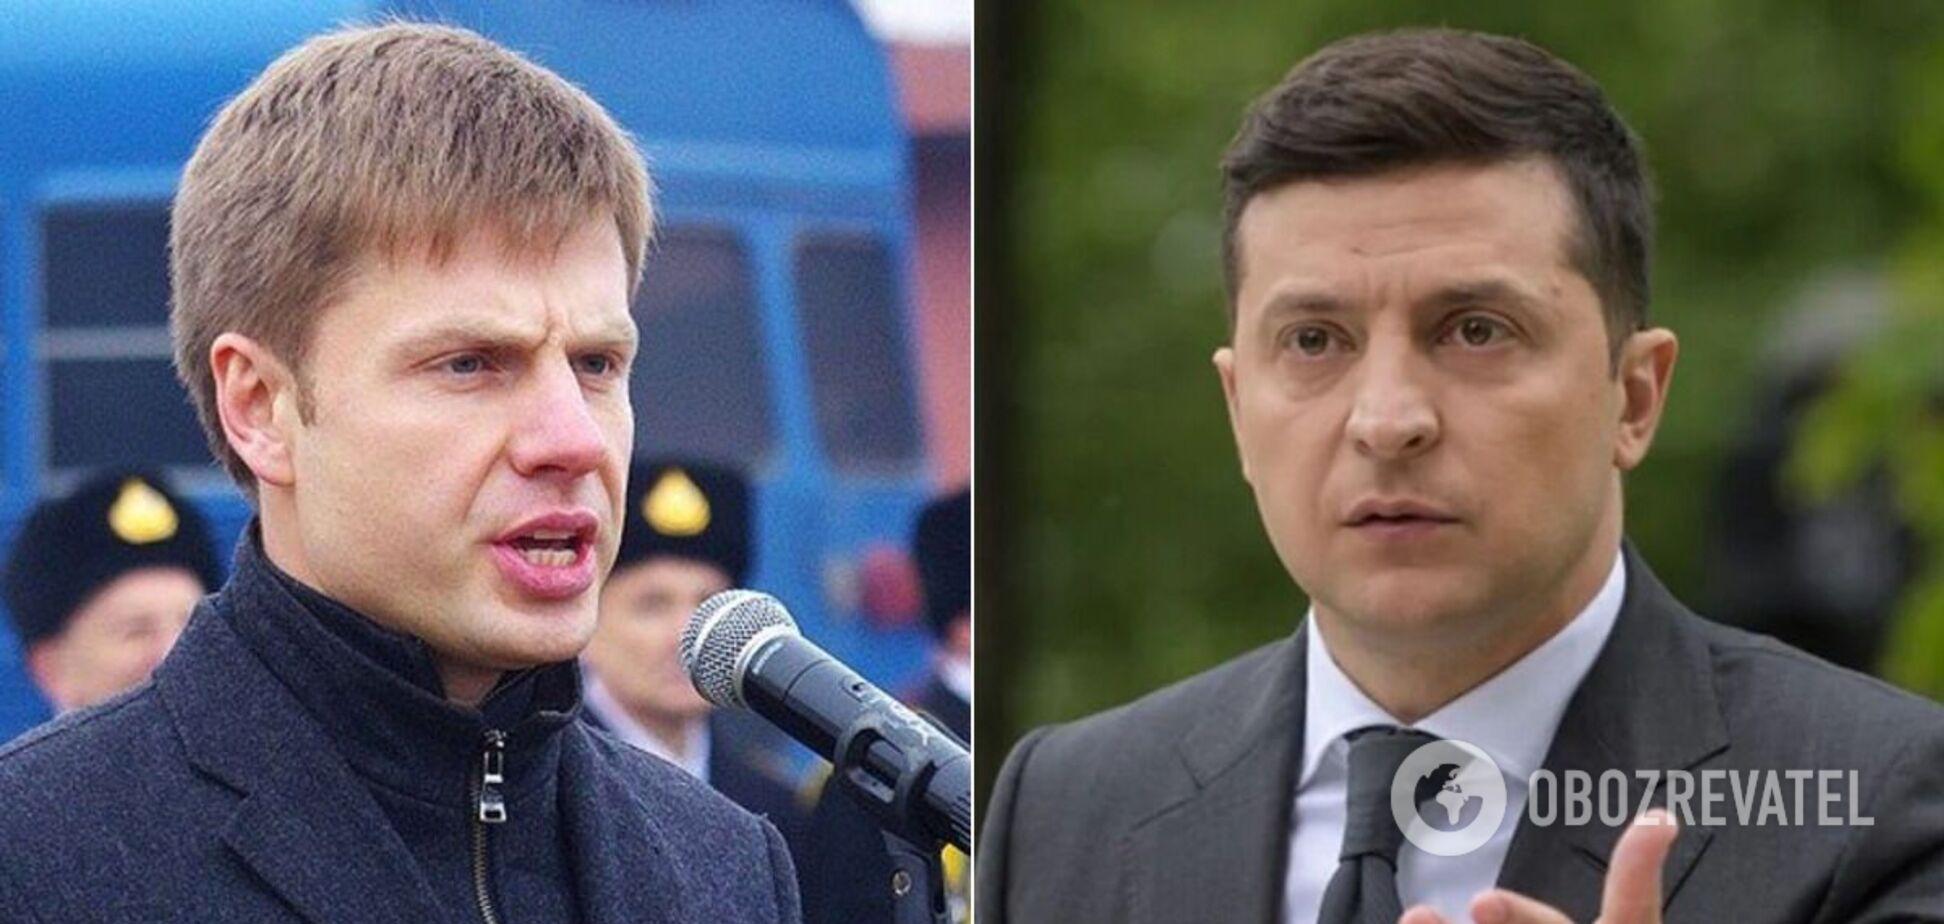 Гончаренко назвав Зеленського 'амазонкою' та дорікнув через слова про Крим